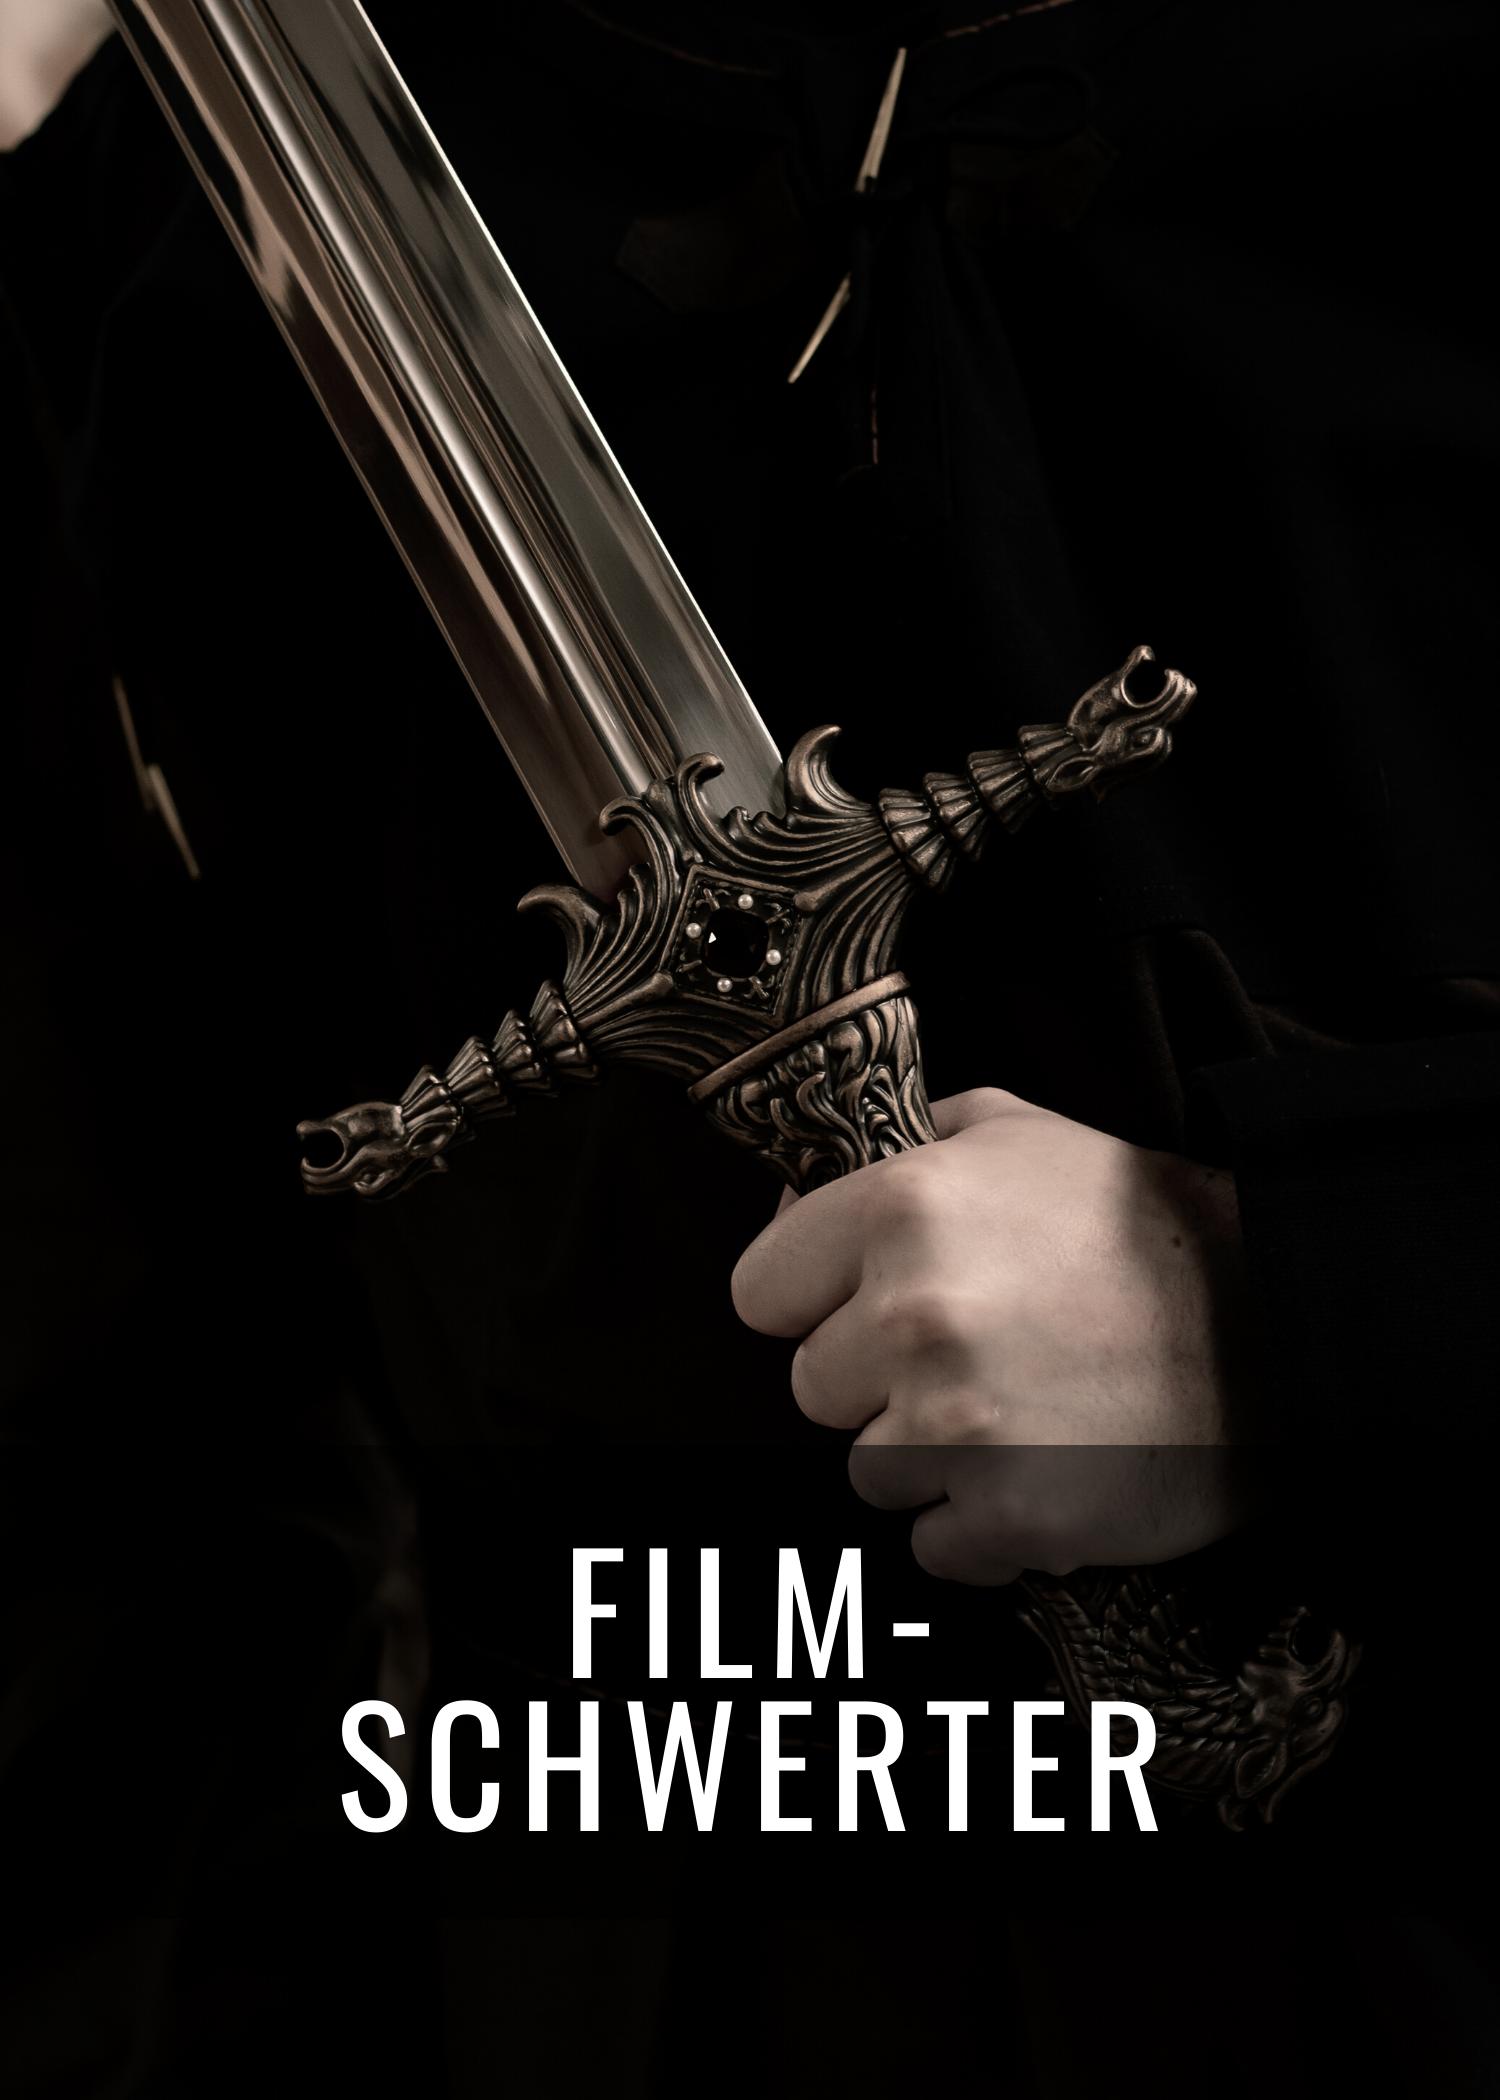 Film-Schwerter von Game of Thrones, Vikings, Der Herr der Ringe und Der Hobbit.